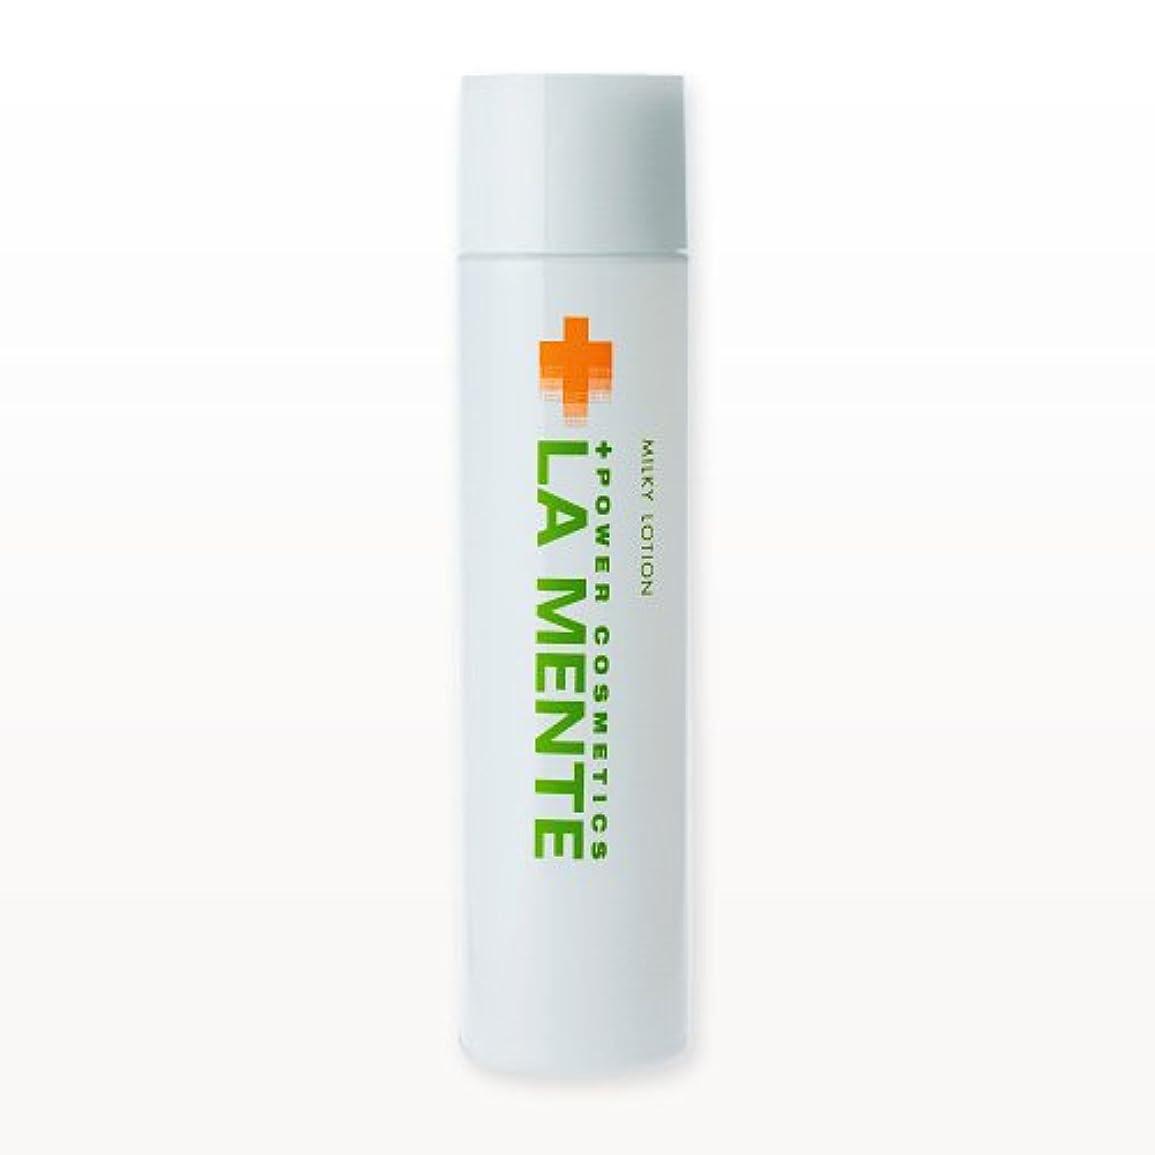 ずるいフェリー機知に富んだラメンテ(LA MENTE) 薬用 ミルキィローション 150mL 美白&保湿ローション